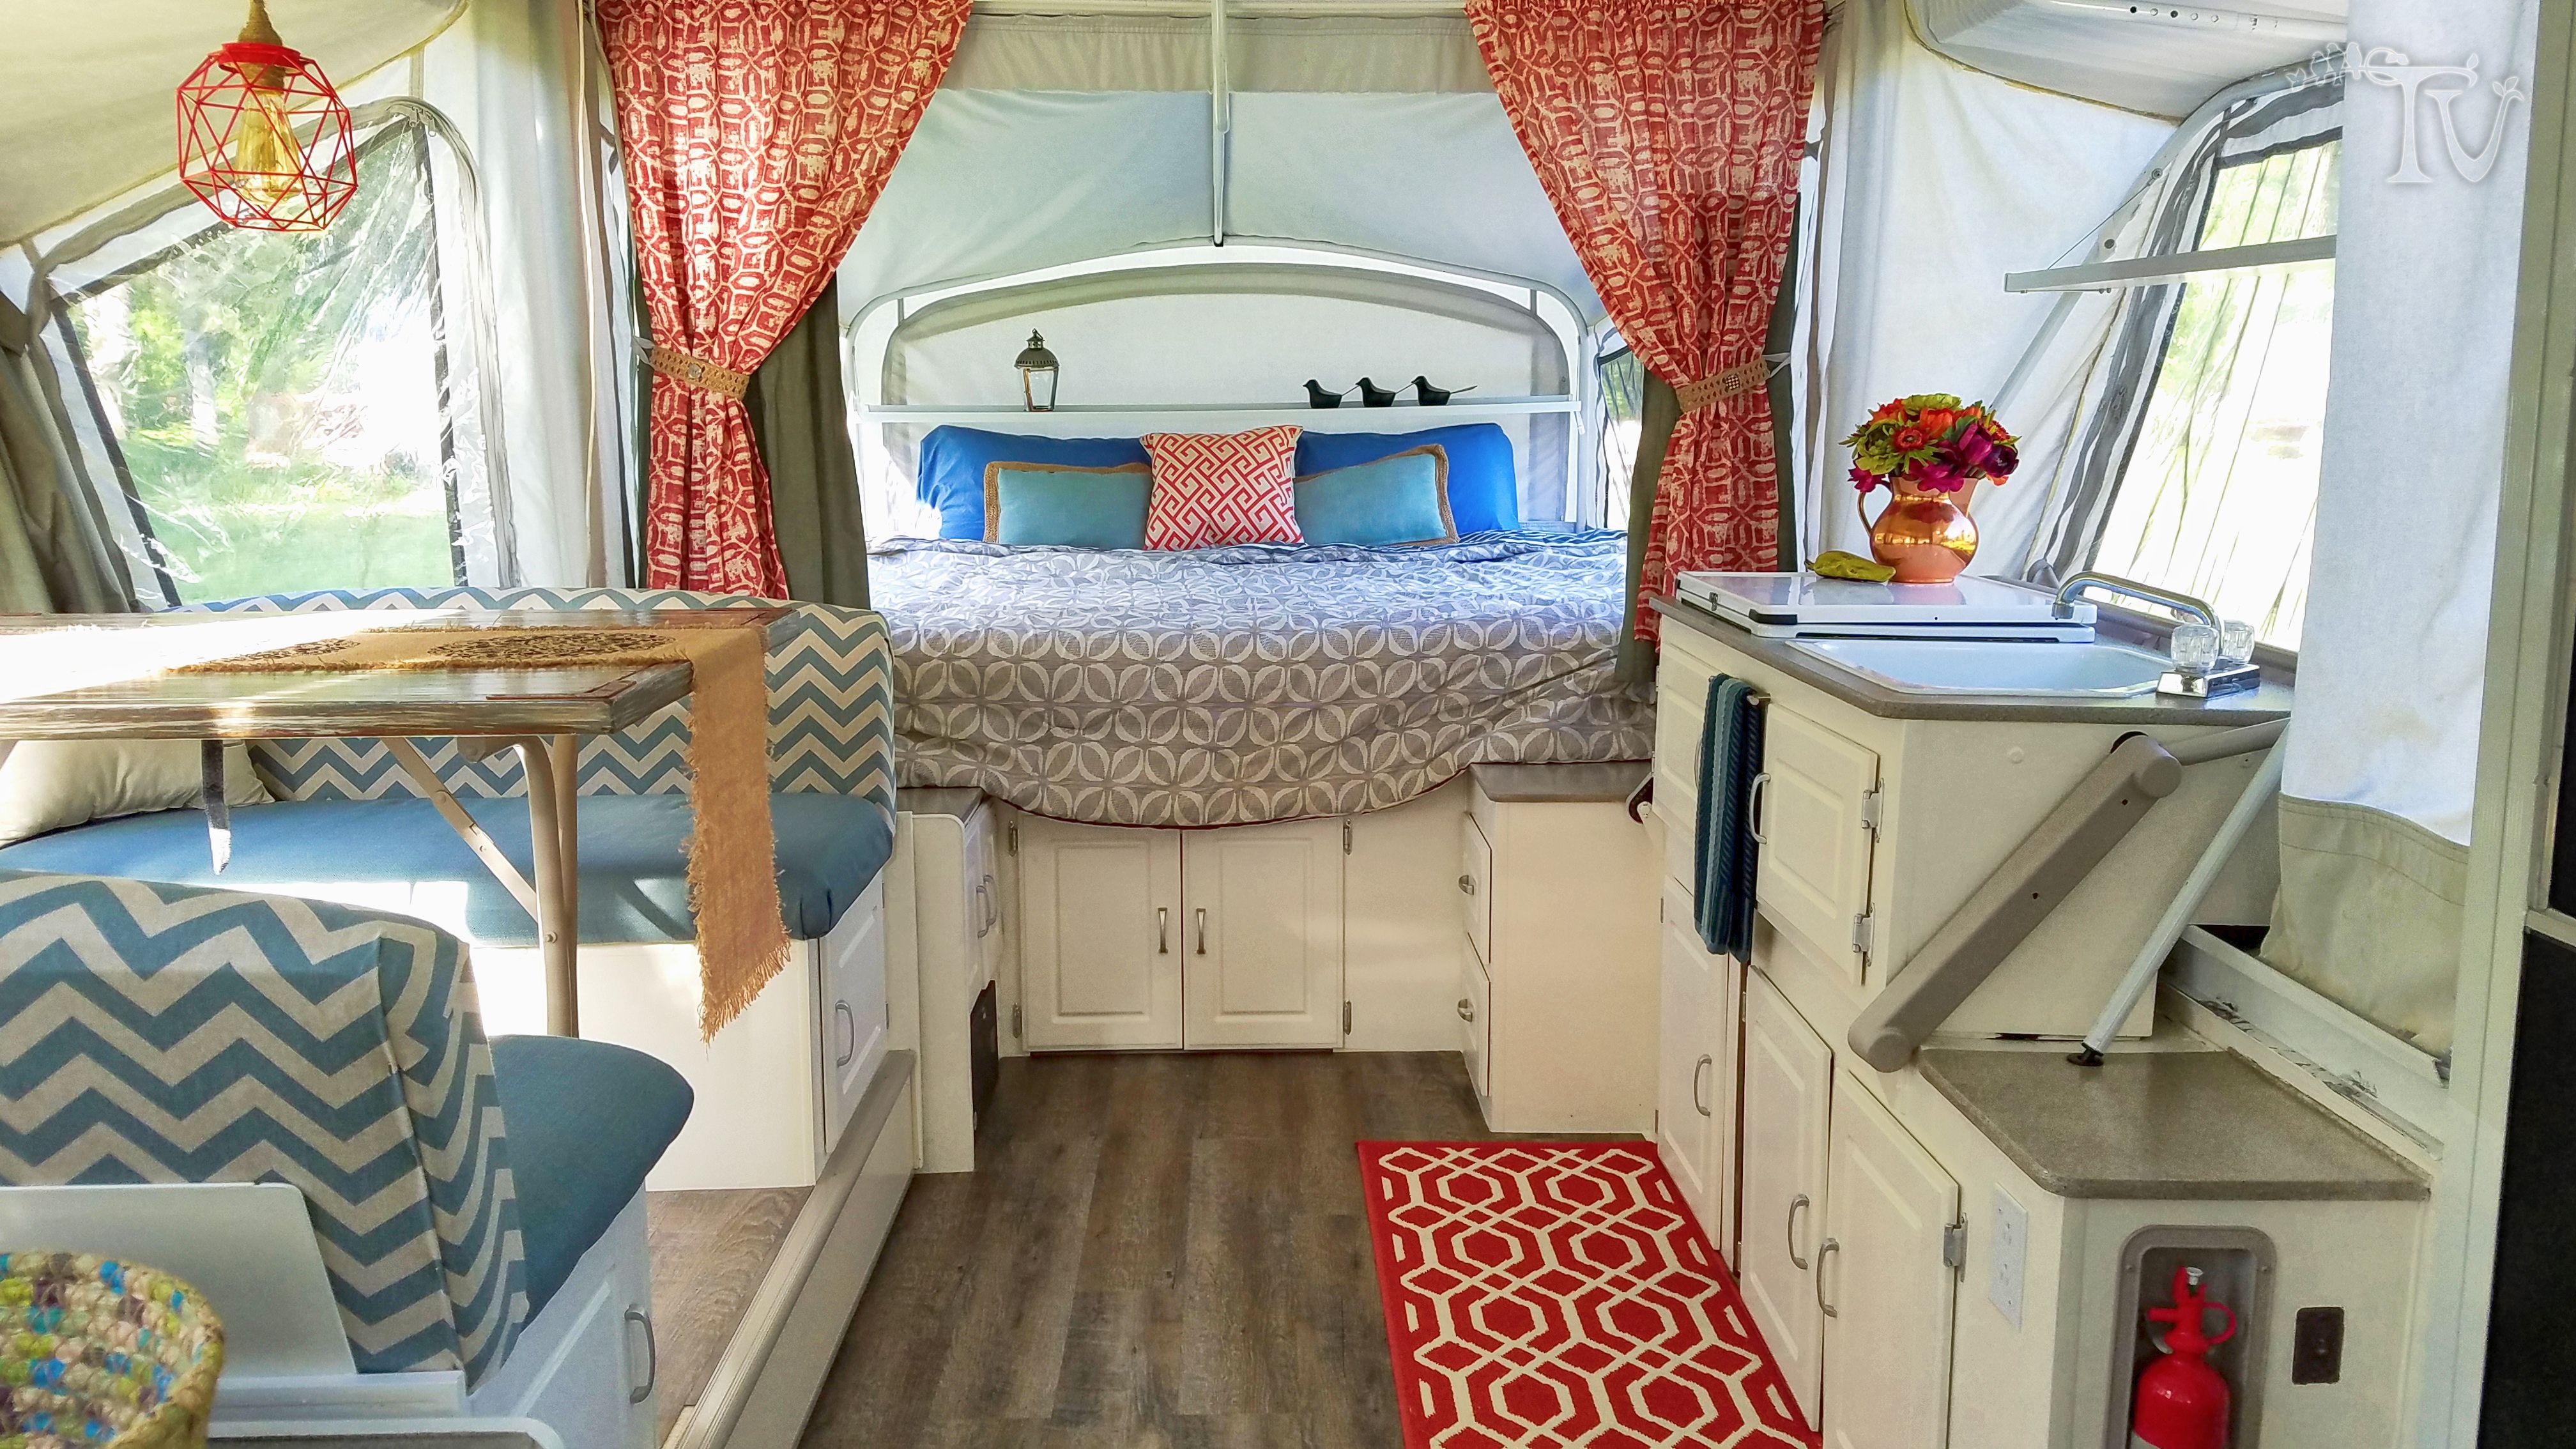 Inspiring Garage Workshop Home Decor Ideas Pop Up Camper